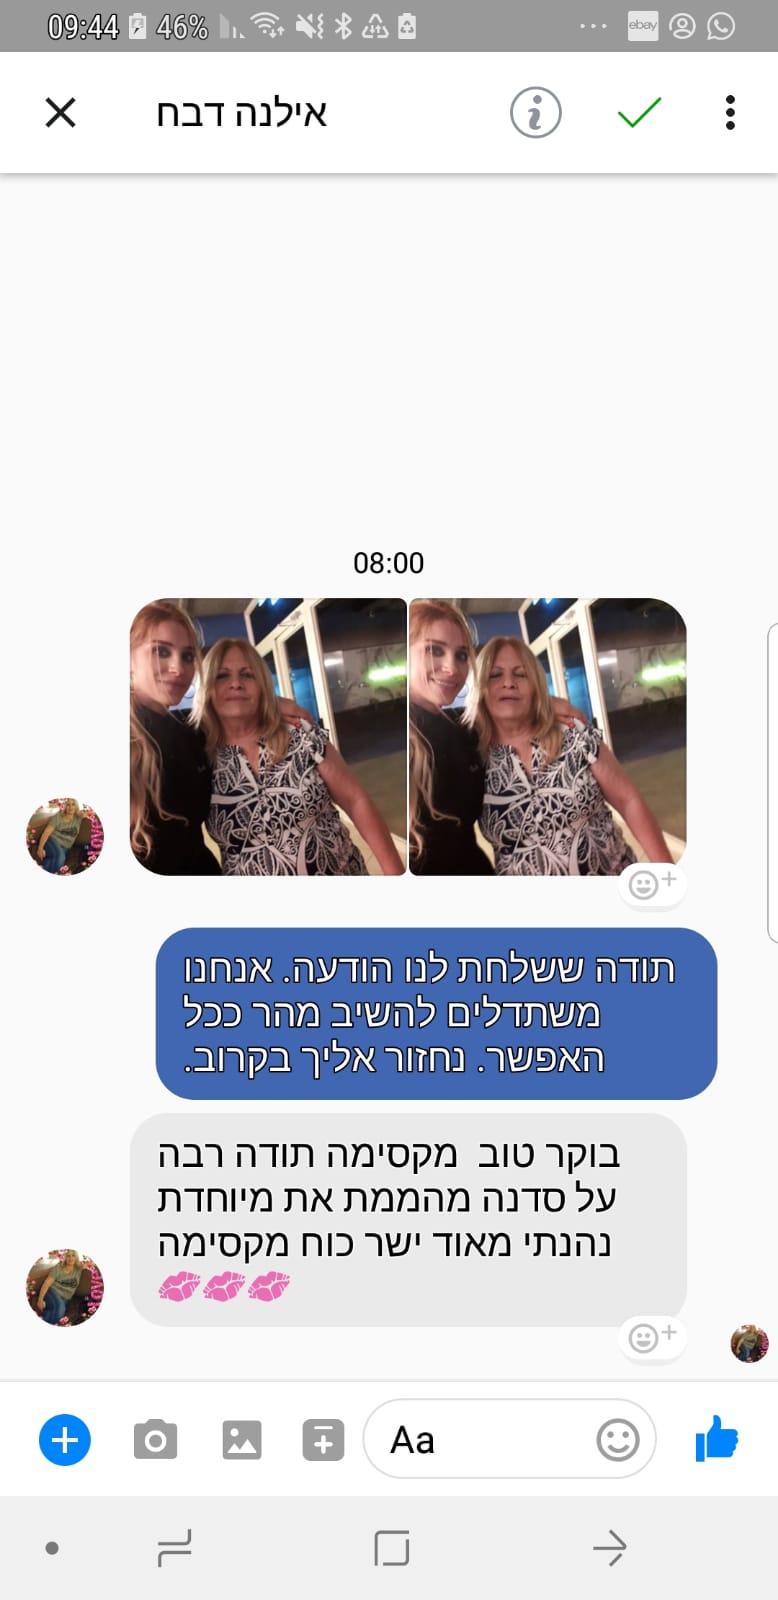 WhatsApp Image 2018-07-11 at 08.13.07